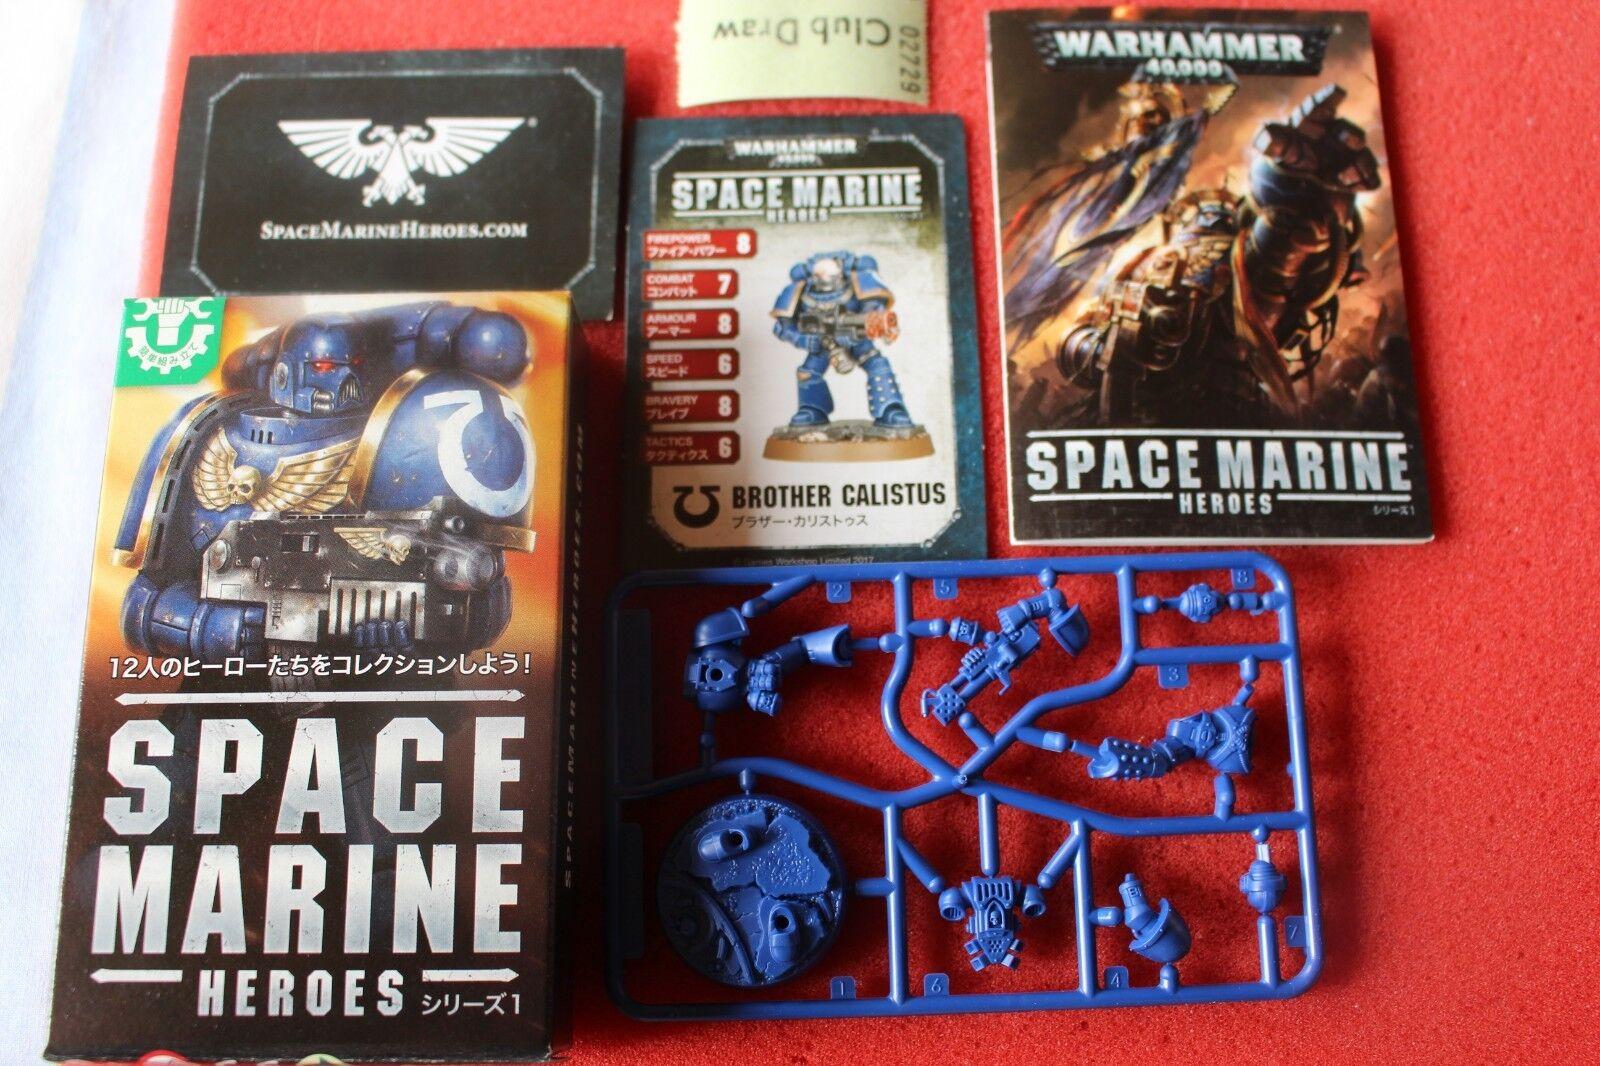 Space marine helden bruder calistus japan exklusive games workshop neue marines